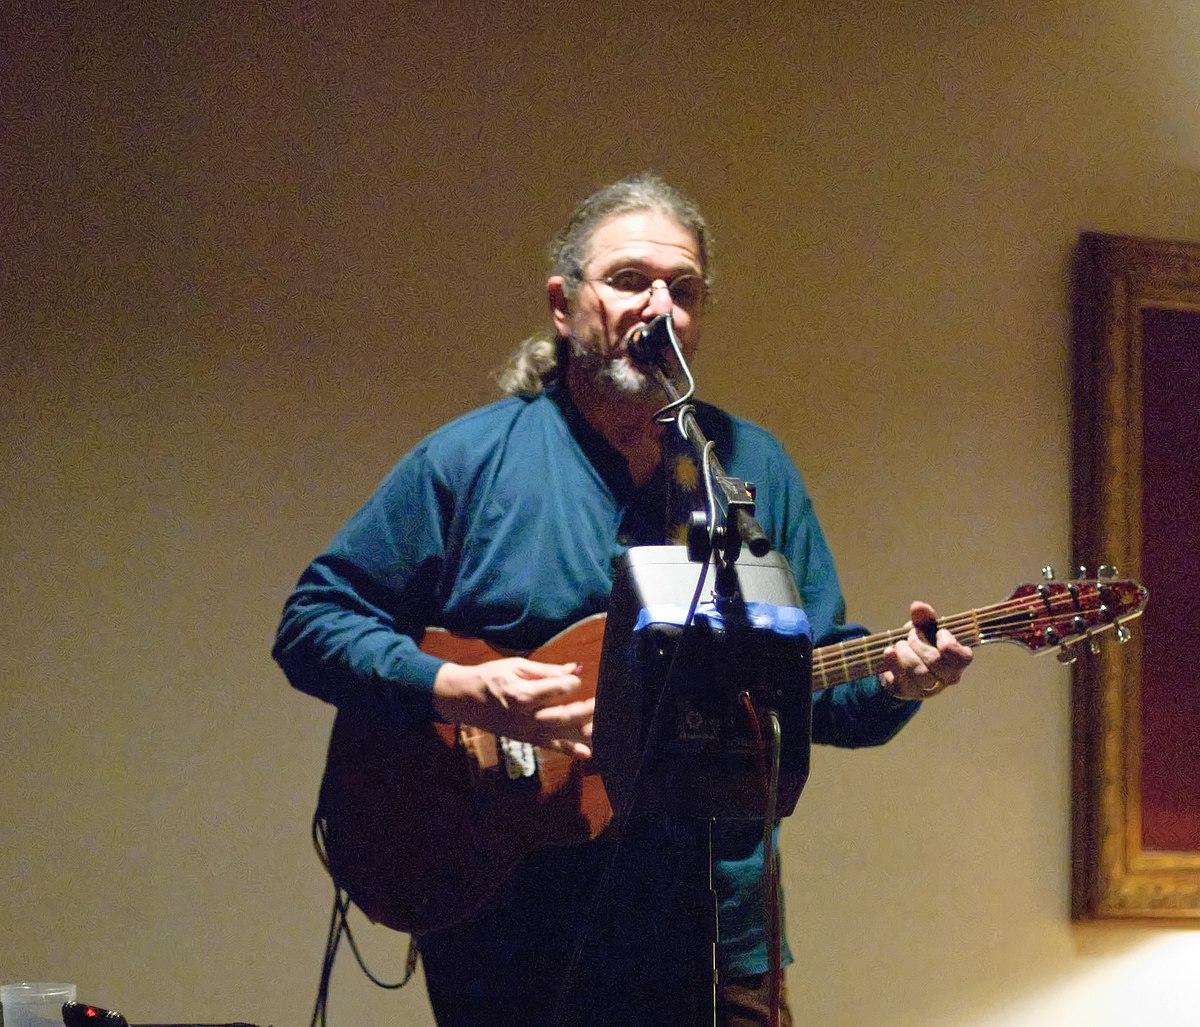 David Gans Musician Wikipedia